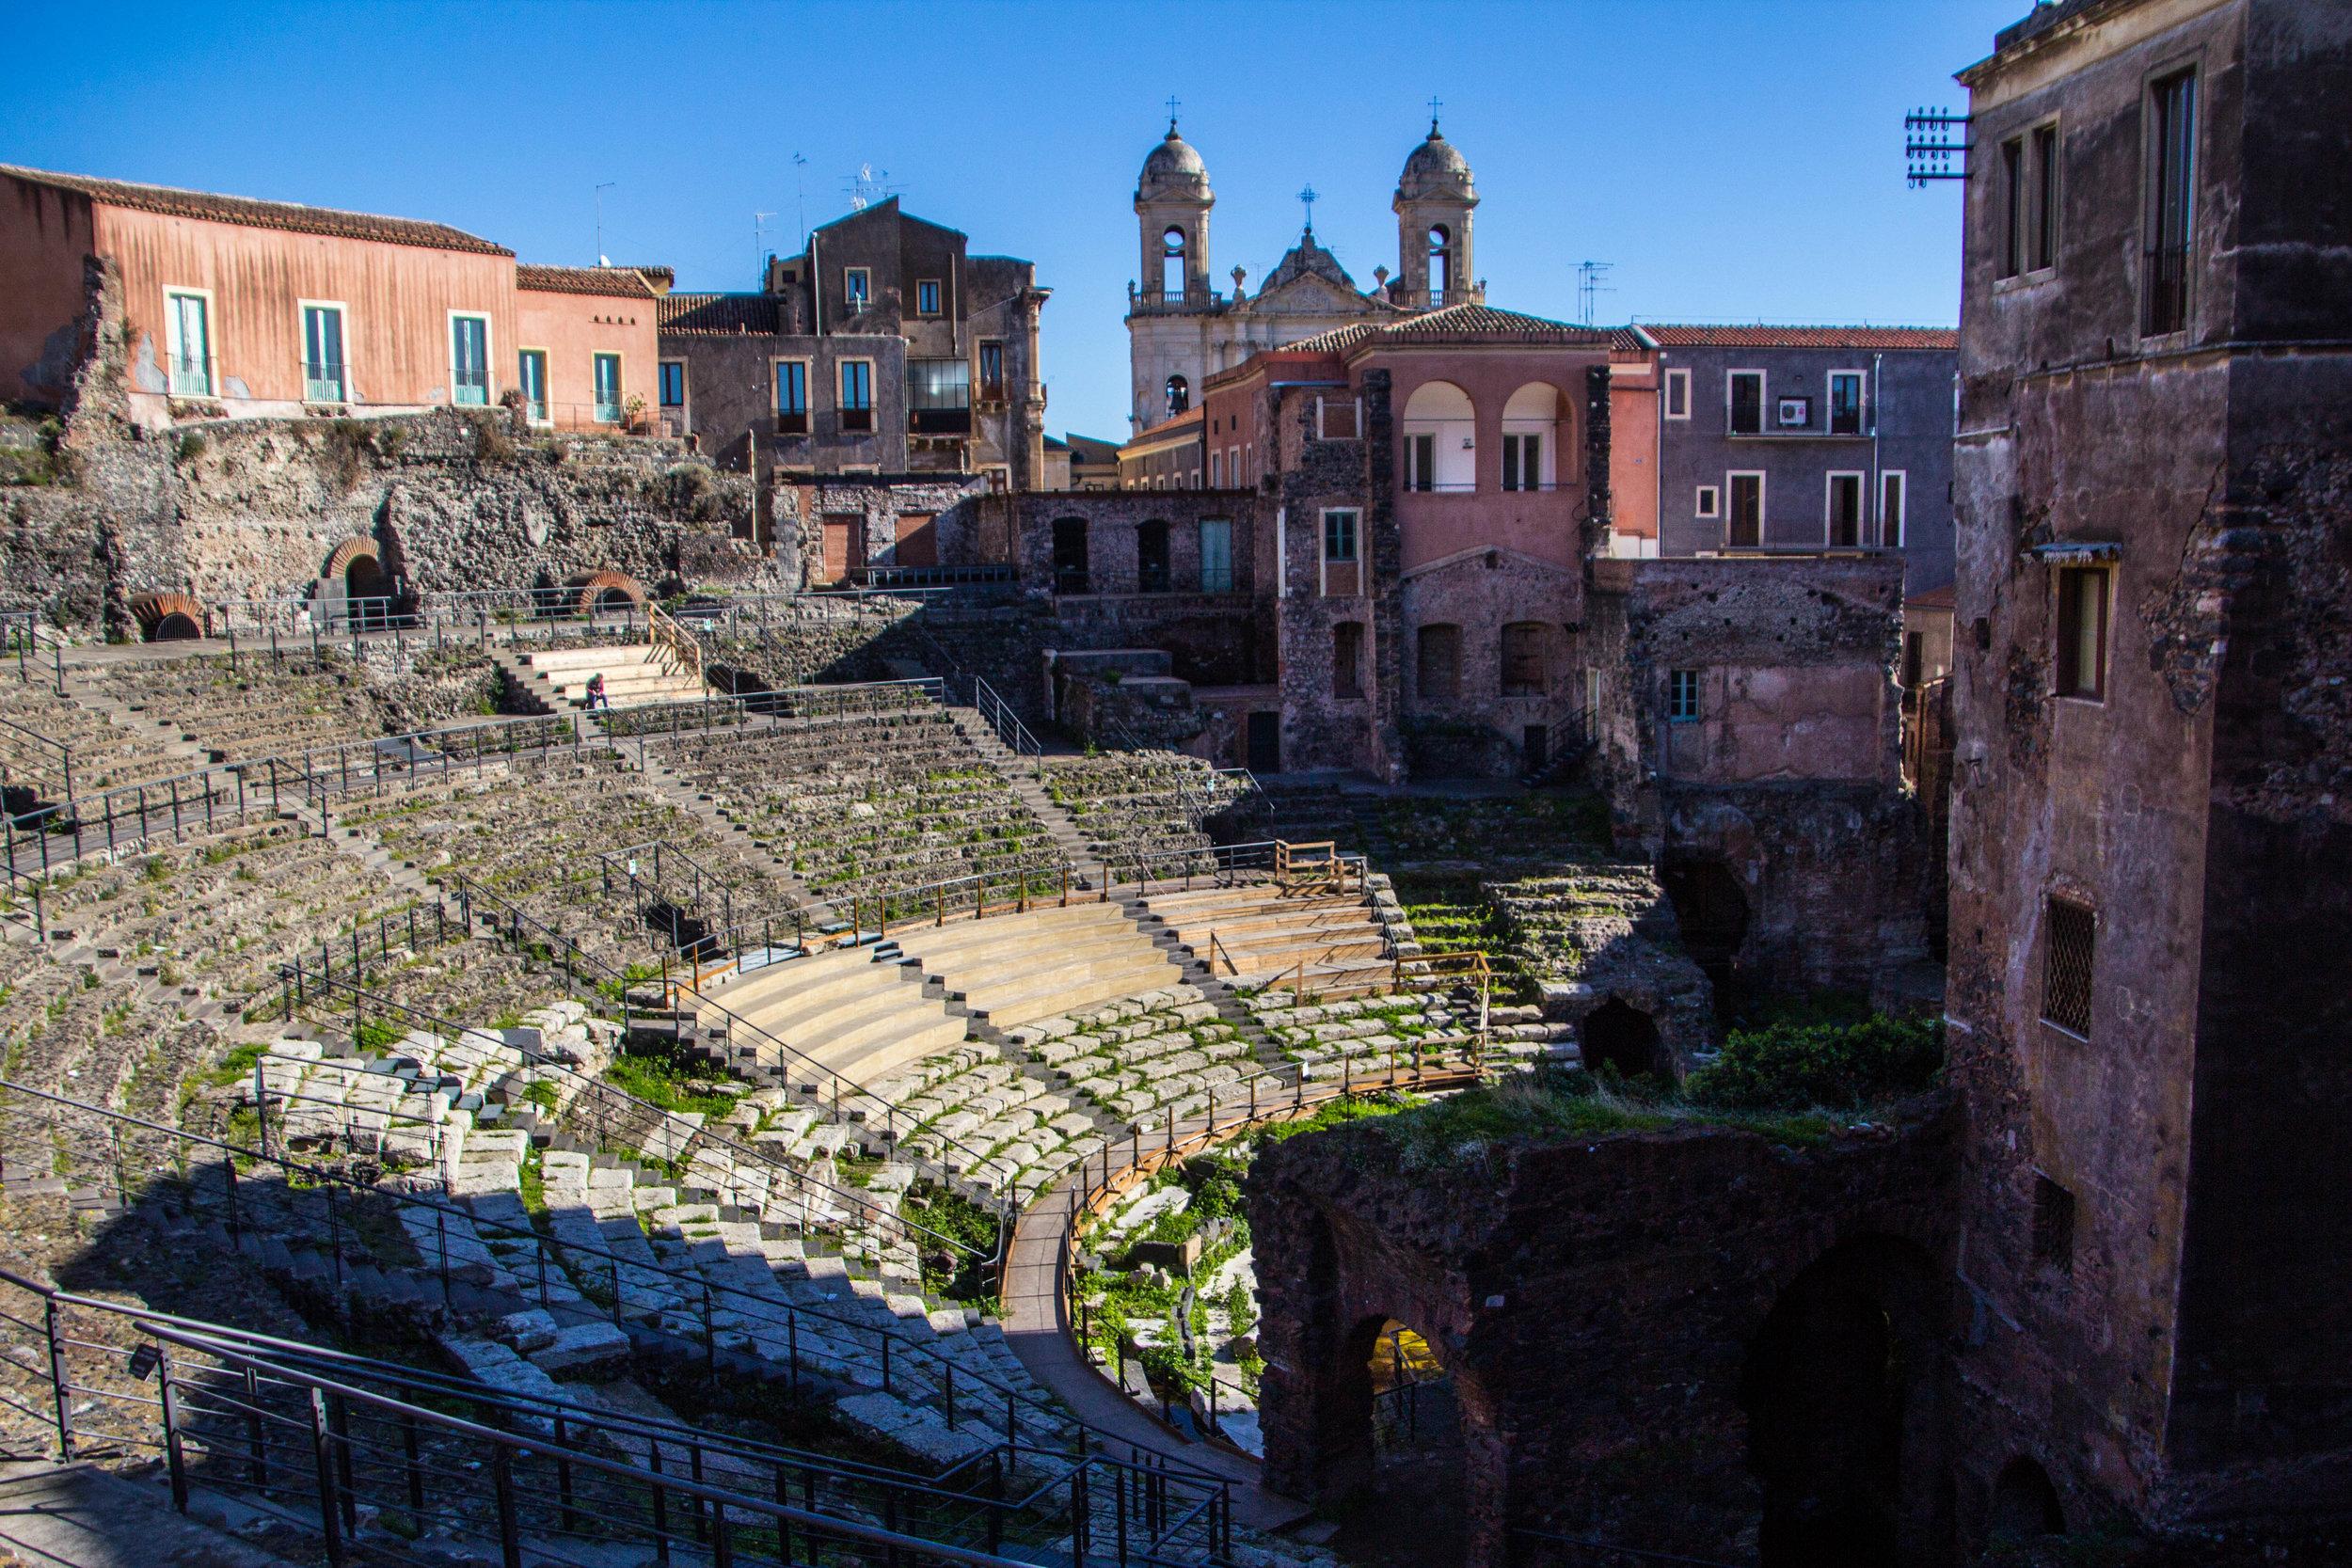 greco-roman-theater-ruins-catania-sicily-6.jpg